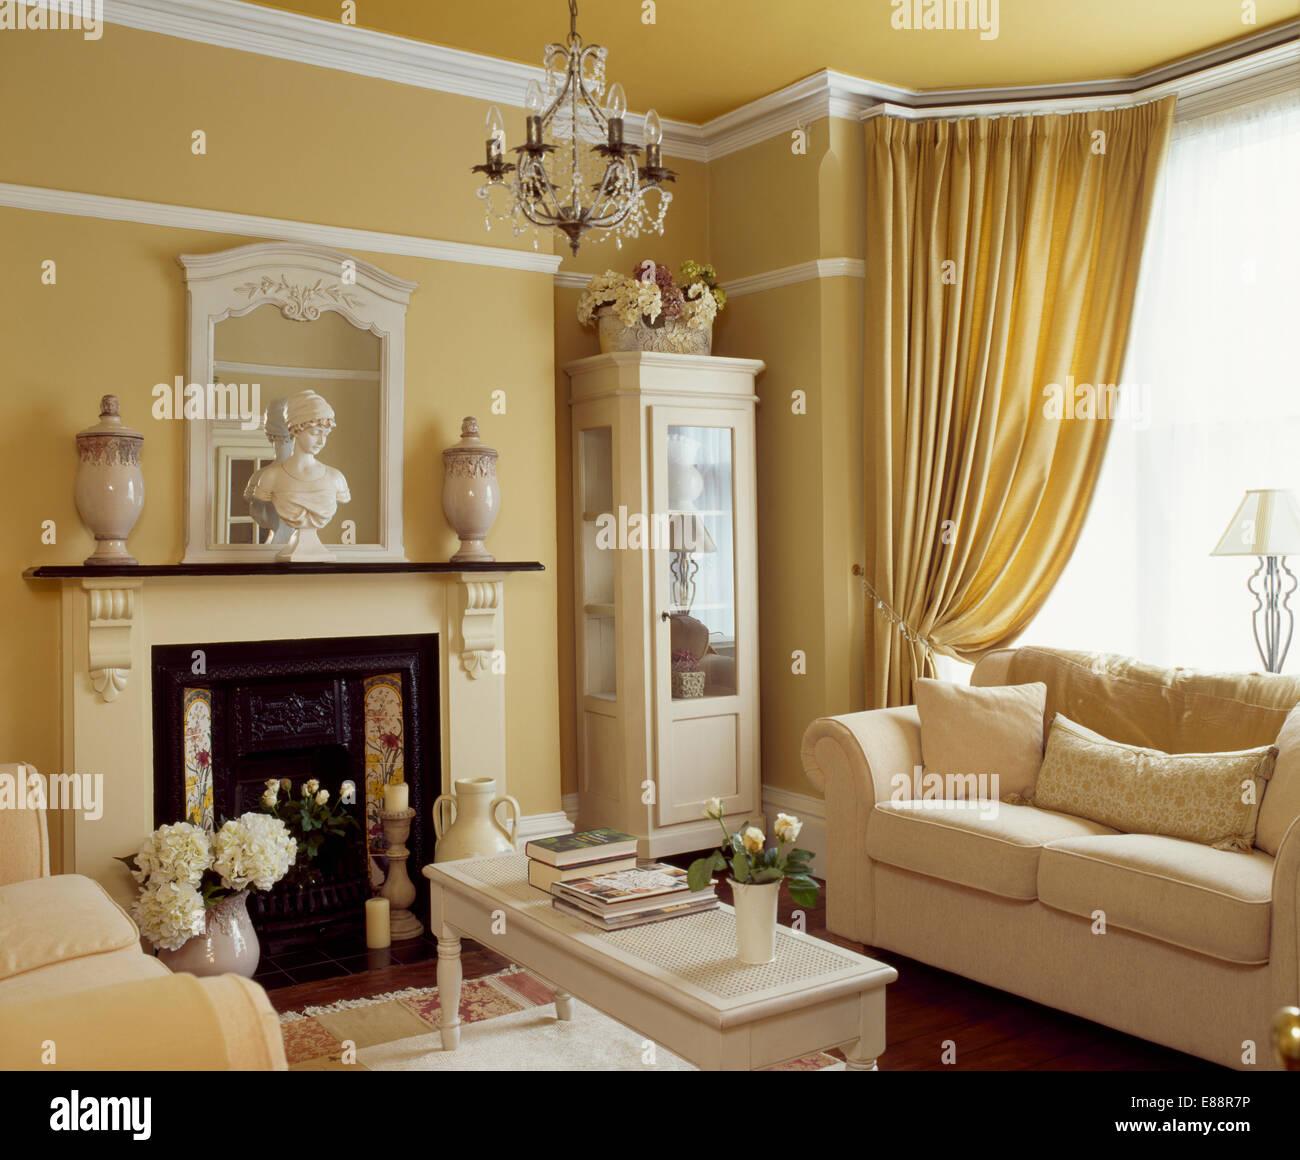 Creme Sofa Vor Fenster Mit Cremefarbenen Vorhangen In Strohfarbenen